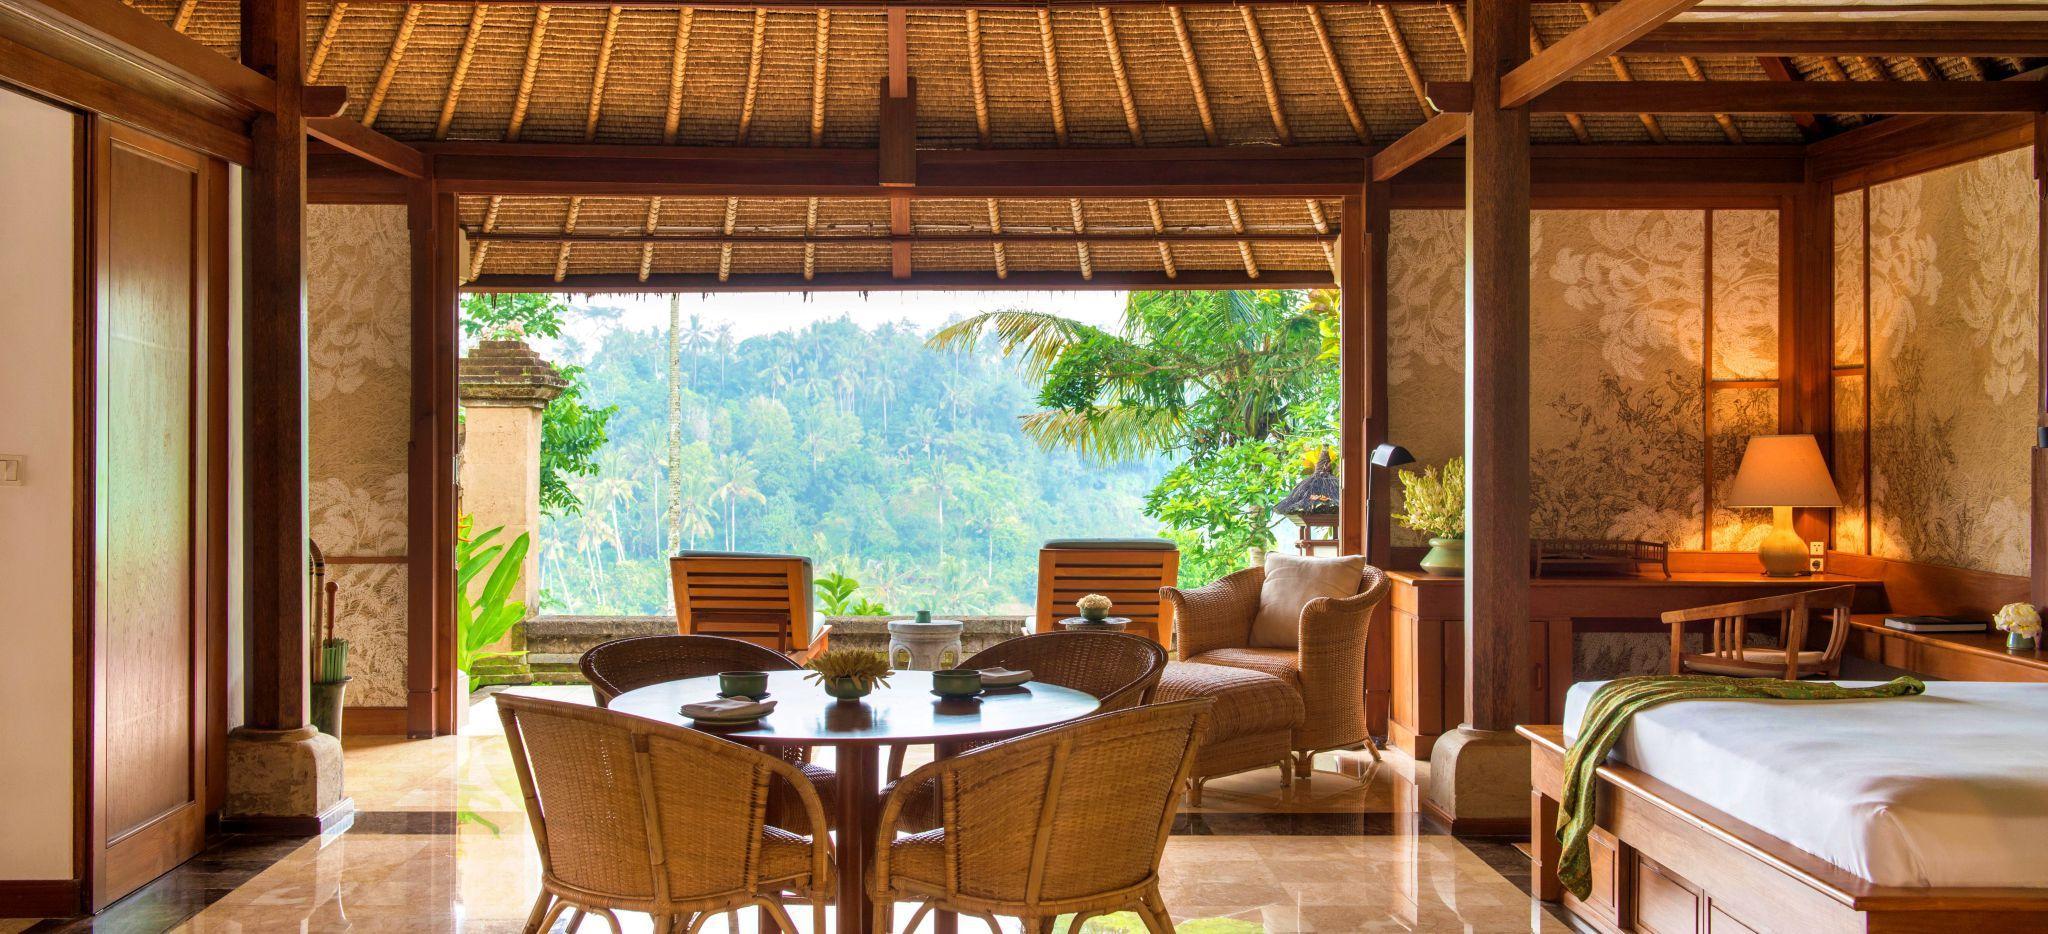 Wohnzimmer einer Villa im Hotel Amandari